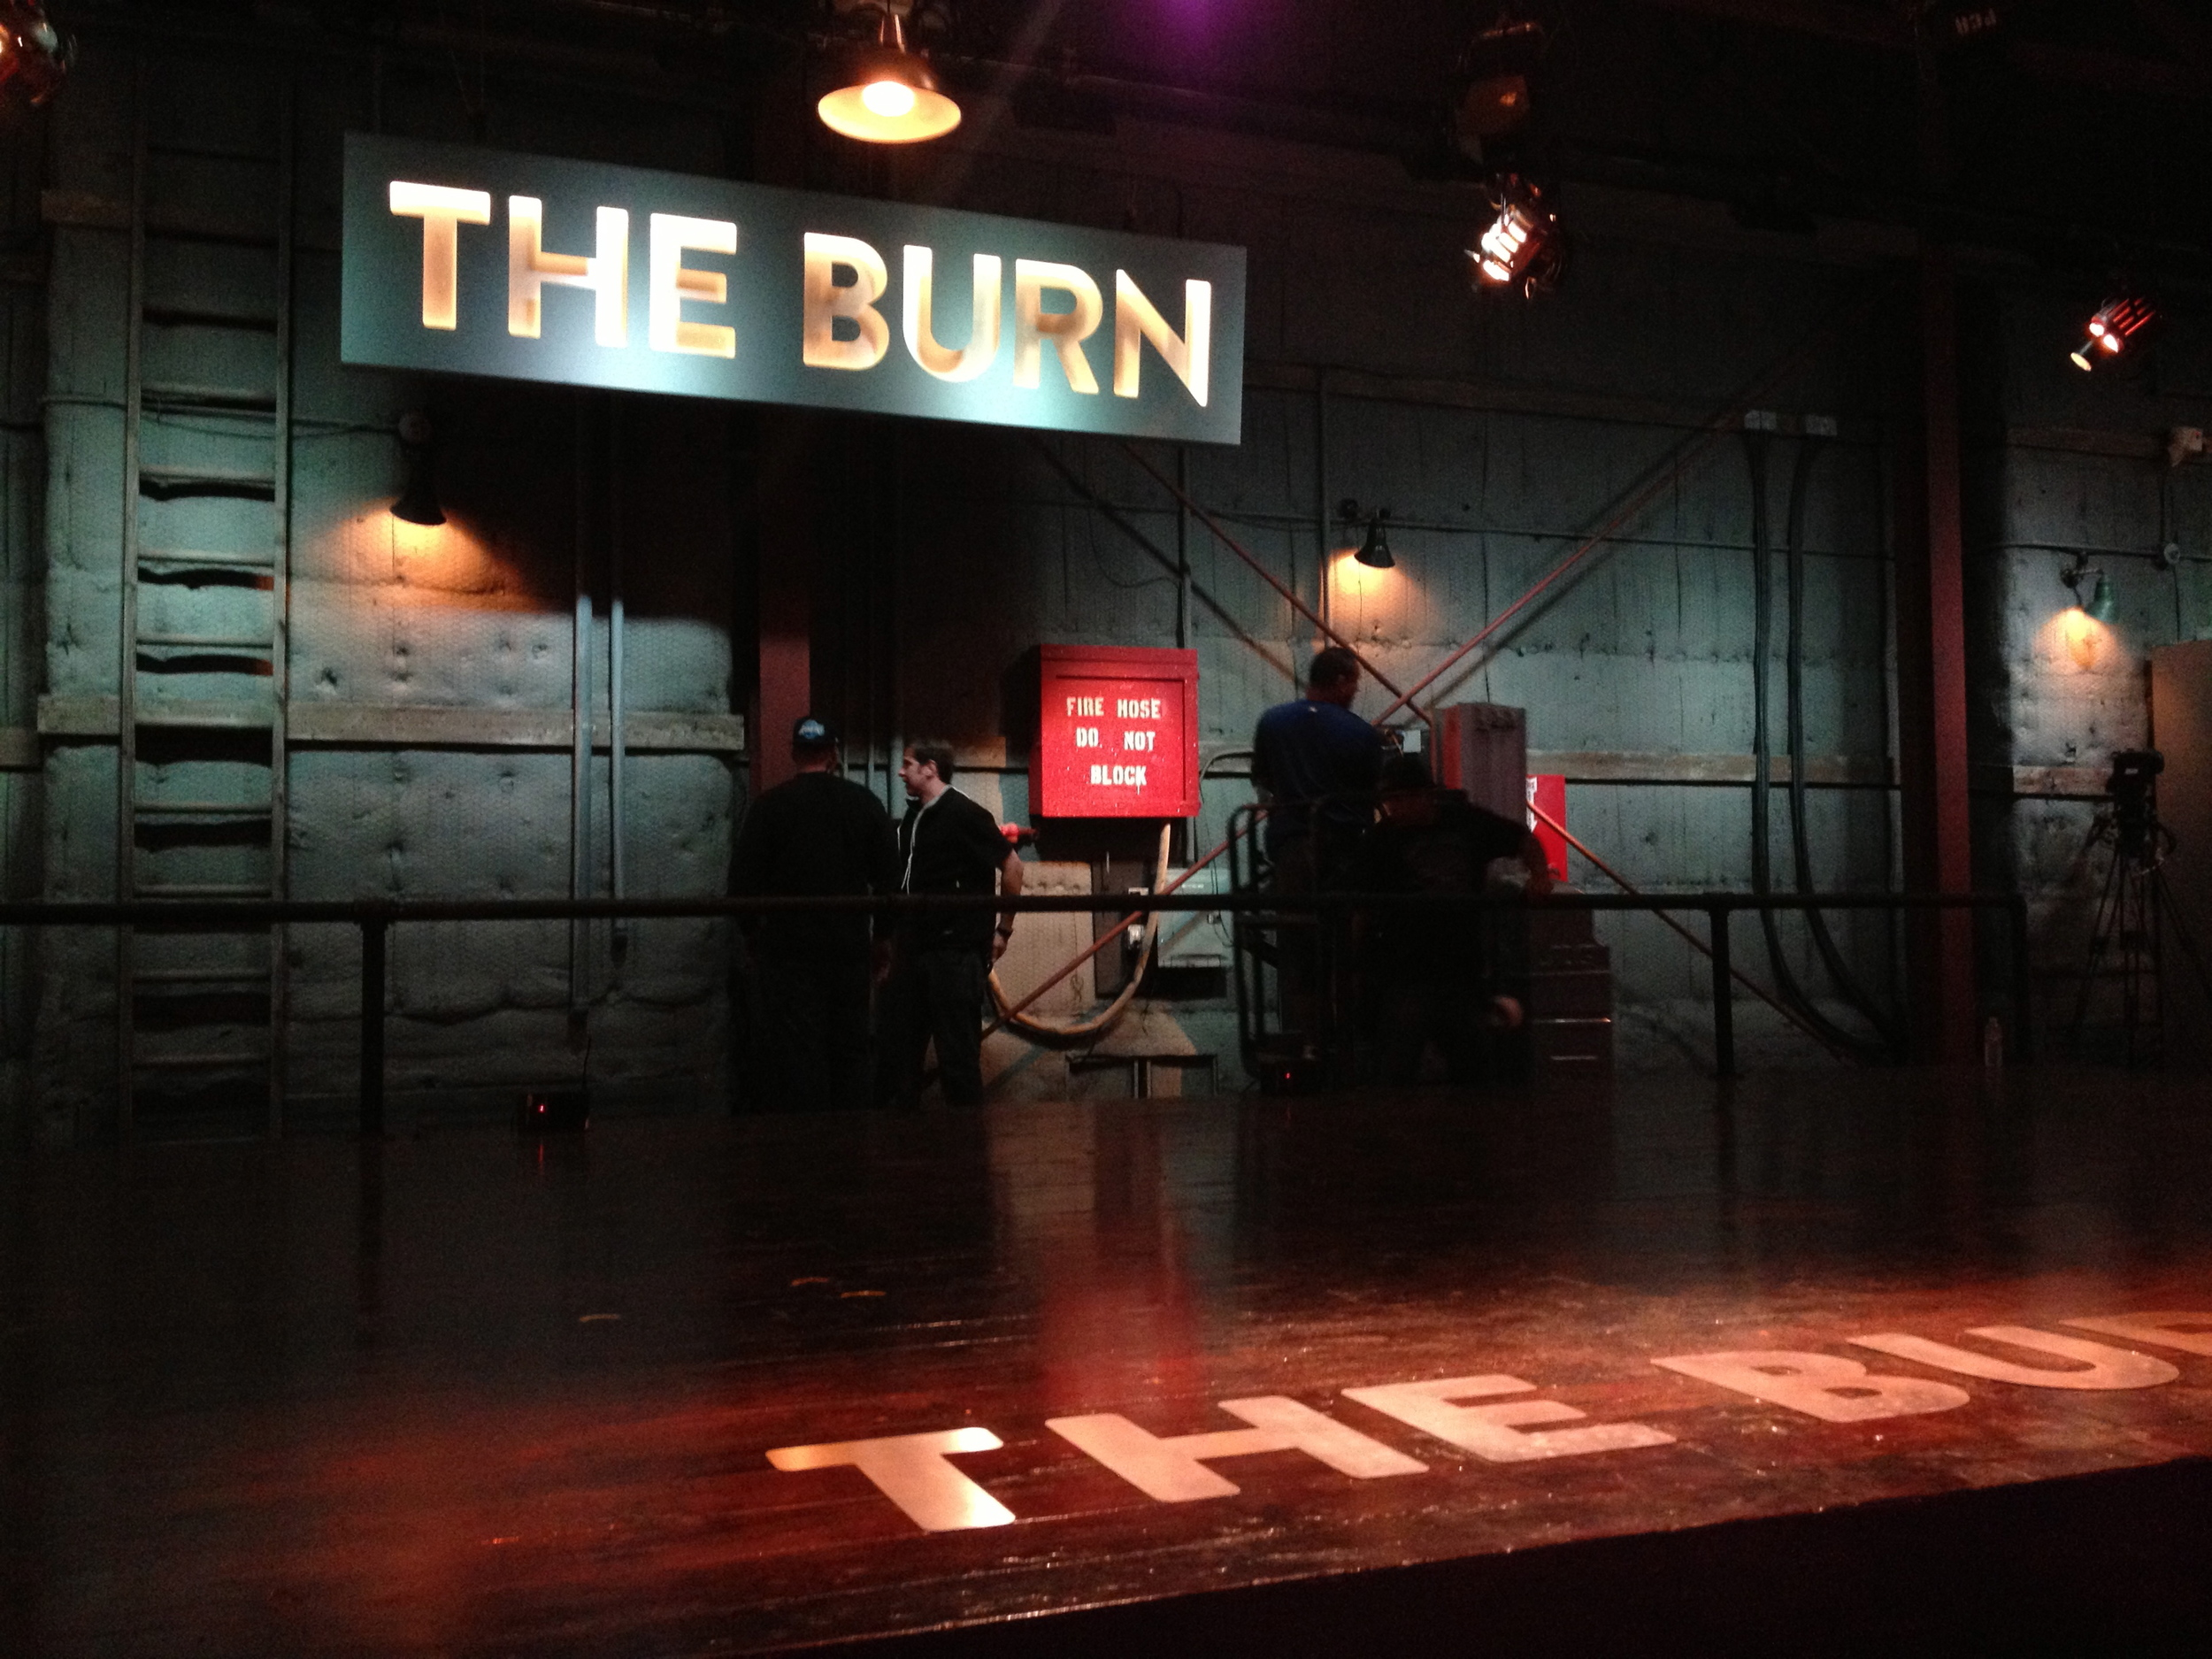 The Burn